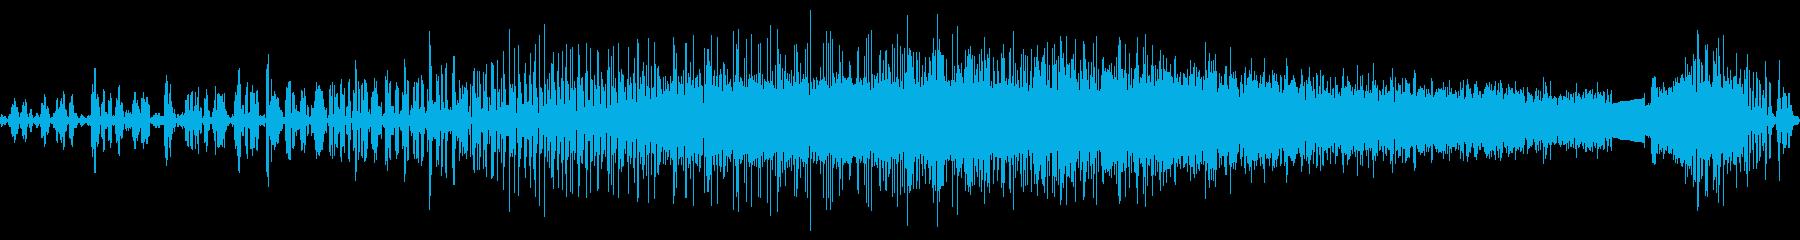 MP-1ハーモニックアセンディングトーンの再生済みの波形